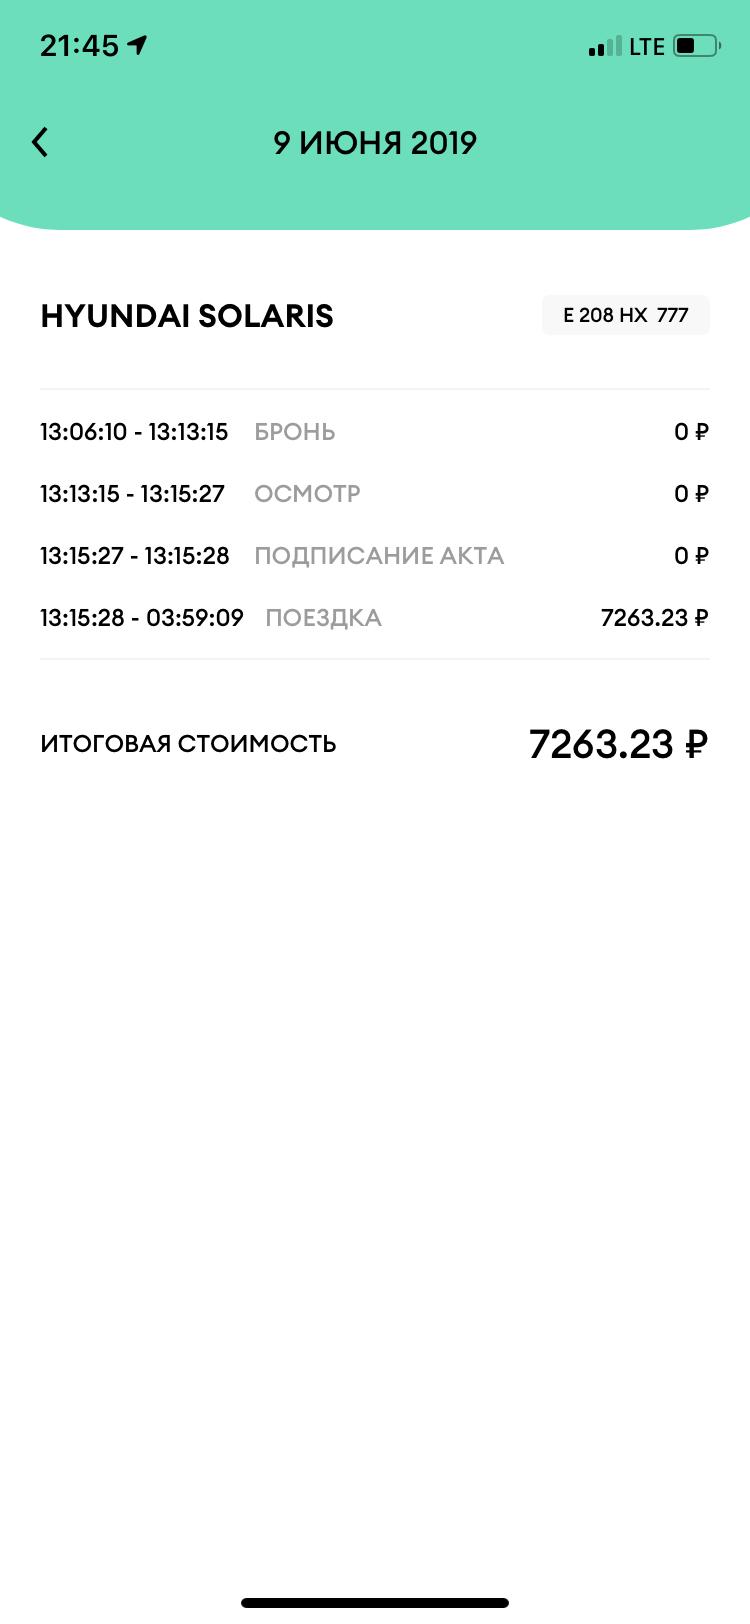 восточный банк погашение кредитной карты